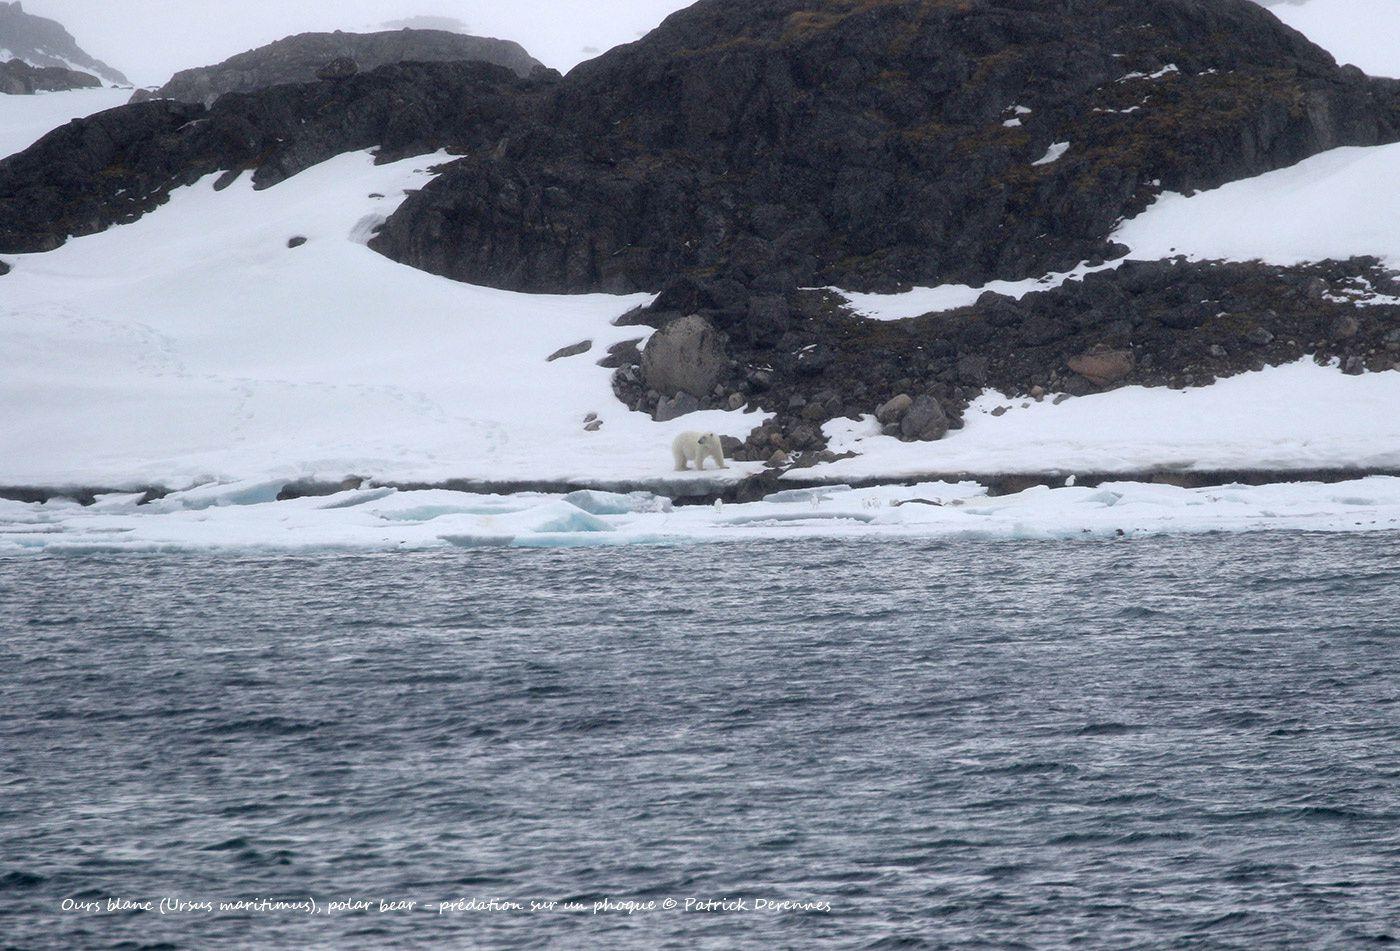 Spitzberg - Ours blanc et carcasse de phoque sp.